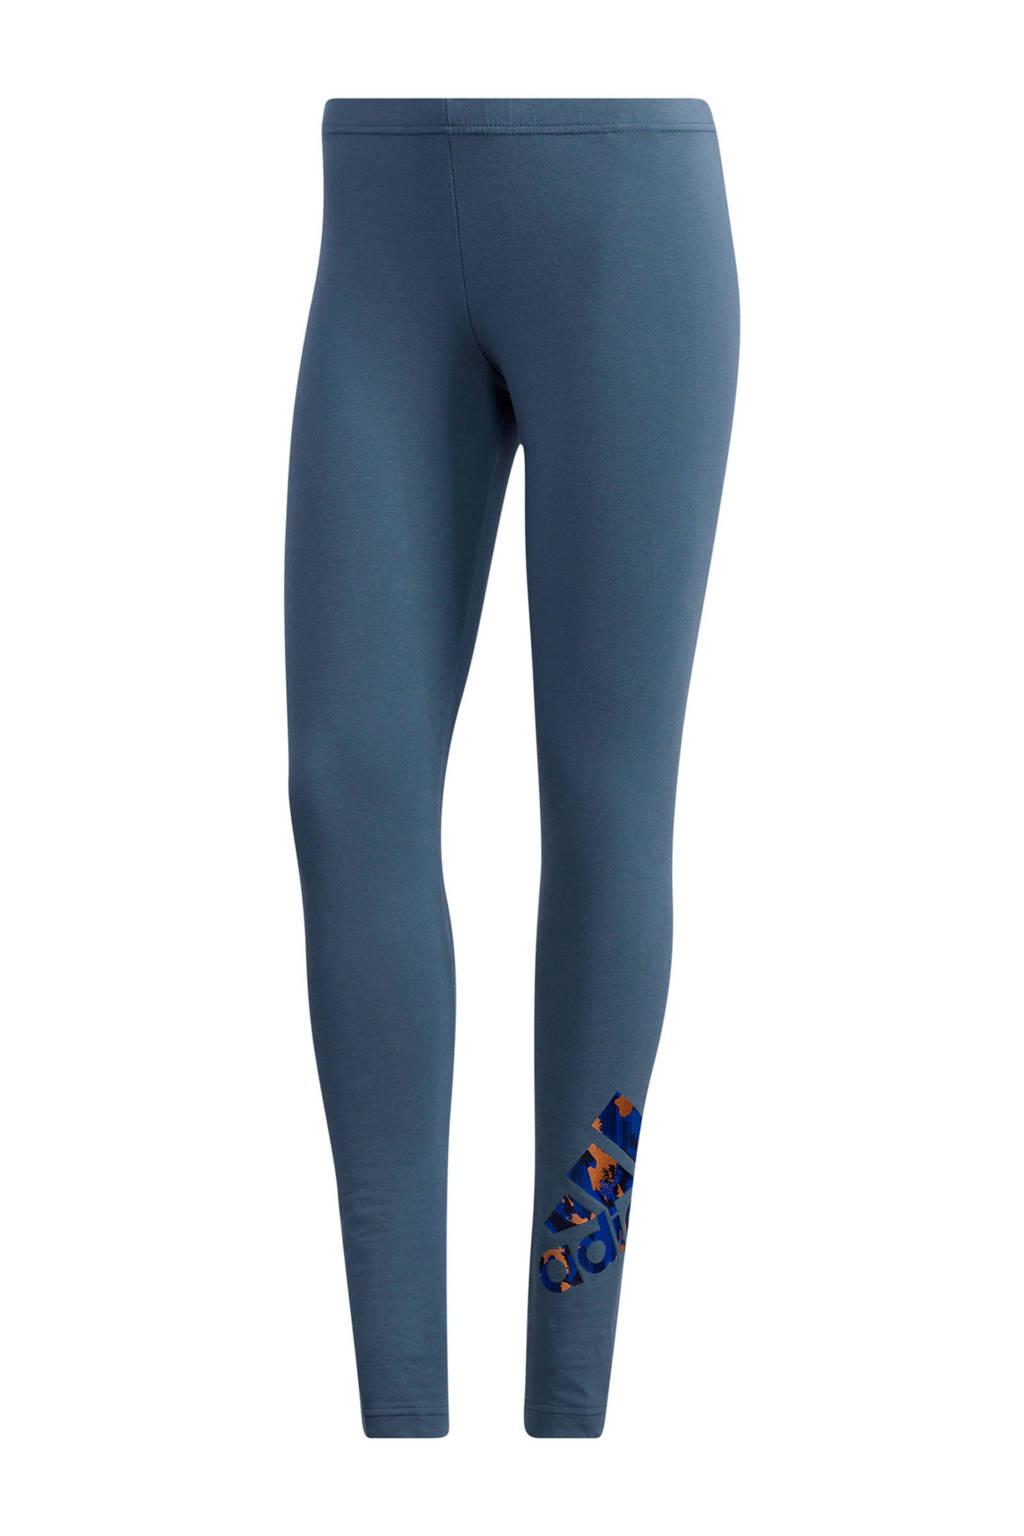 adidas Performance sportbroek grijsblauw, Grijsblauw